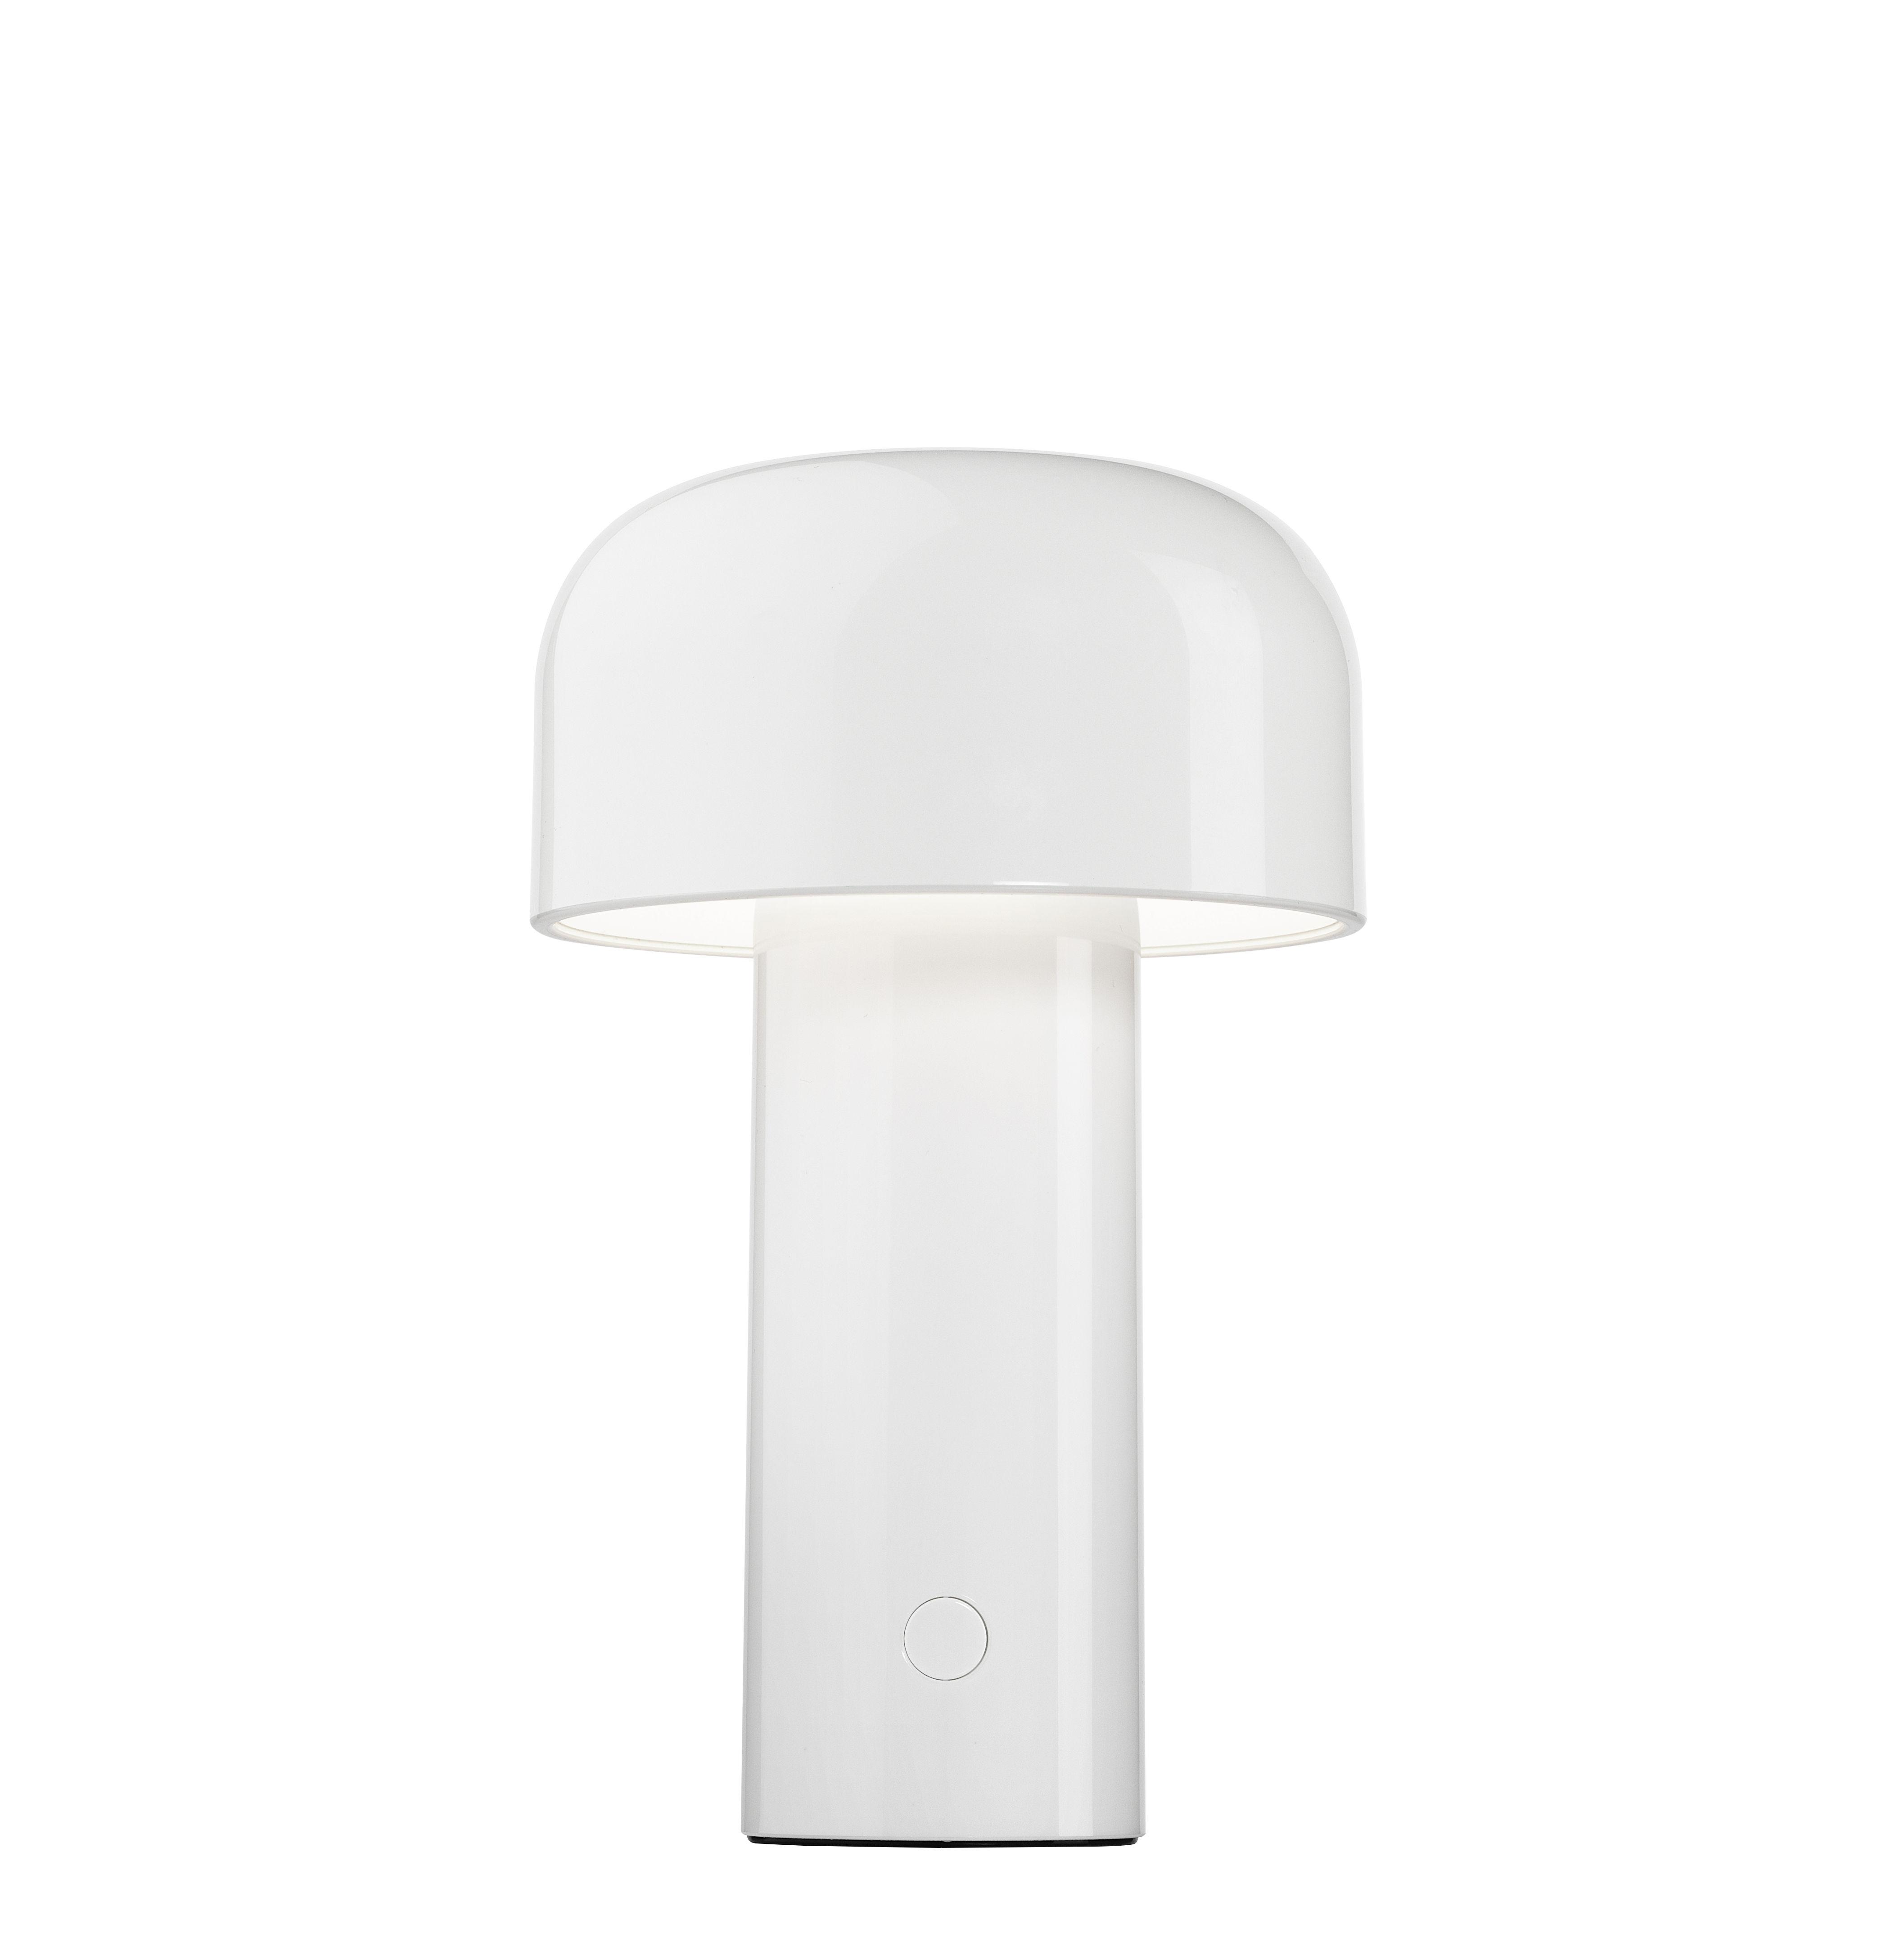 Leuchten - Tischleuchten - Bellhop Lampe ohne Kabel / kabellos - mit USB-Ladeoption - Flos - Weiß - Polykarbonat